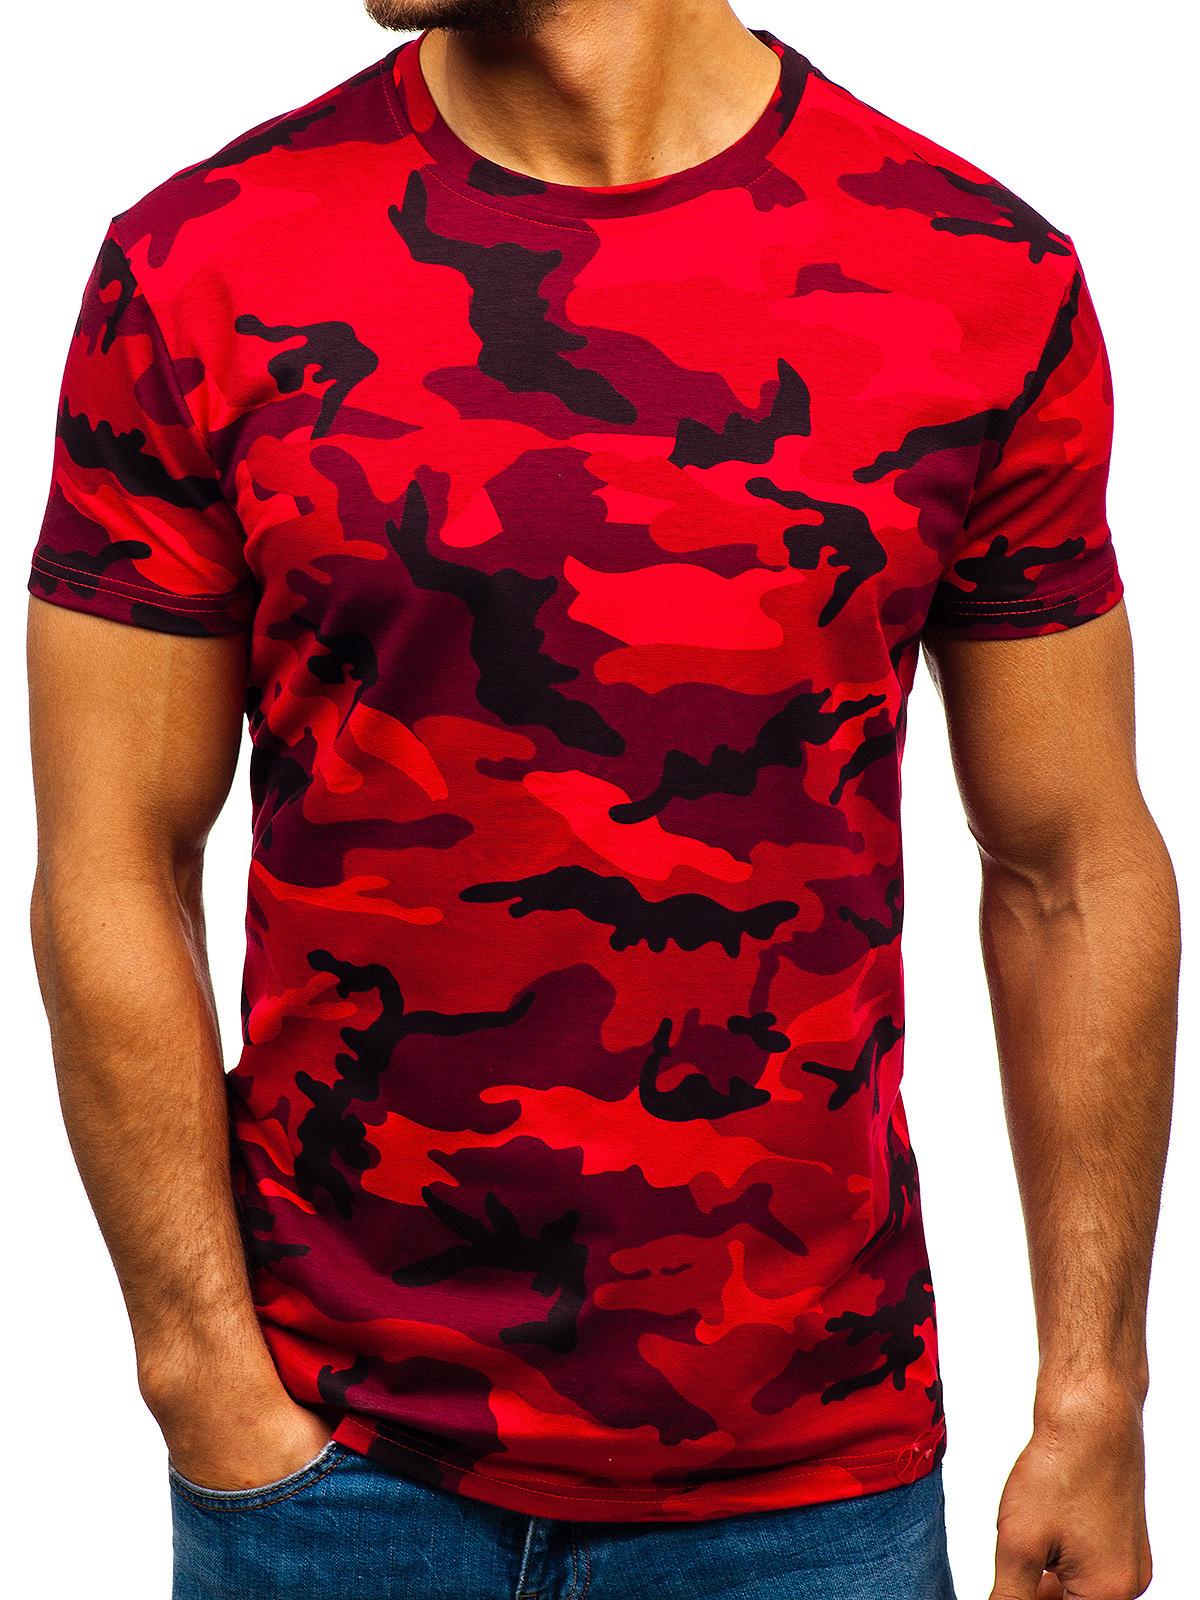 E baihui Новая летняя модная камуфляжная футболка для мужчин